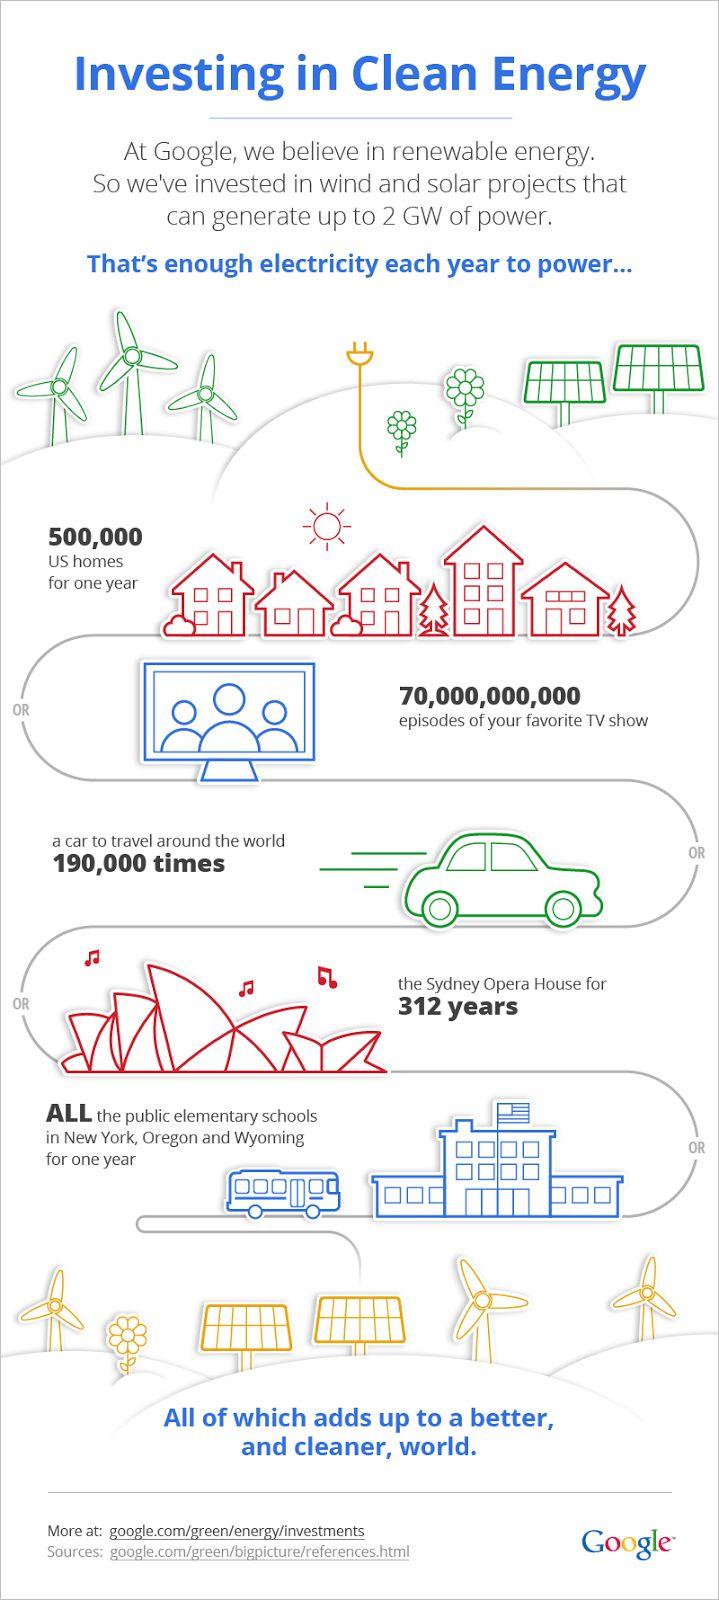 クリーンエネルギーのインフォグラフィック by Google